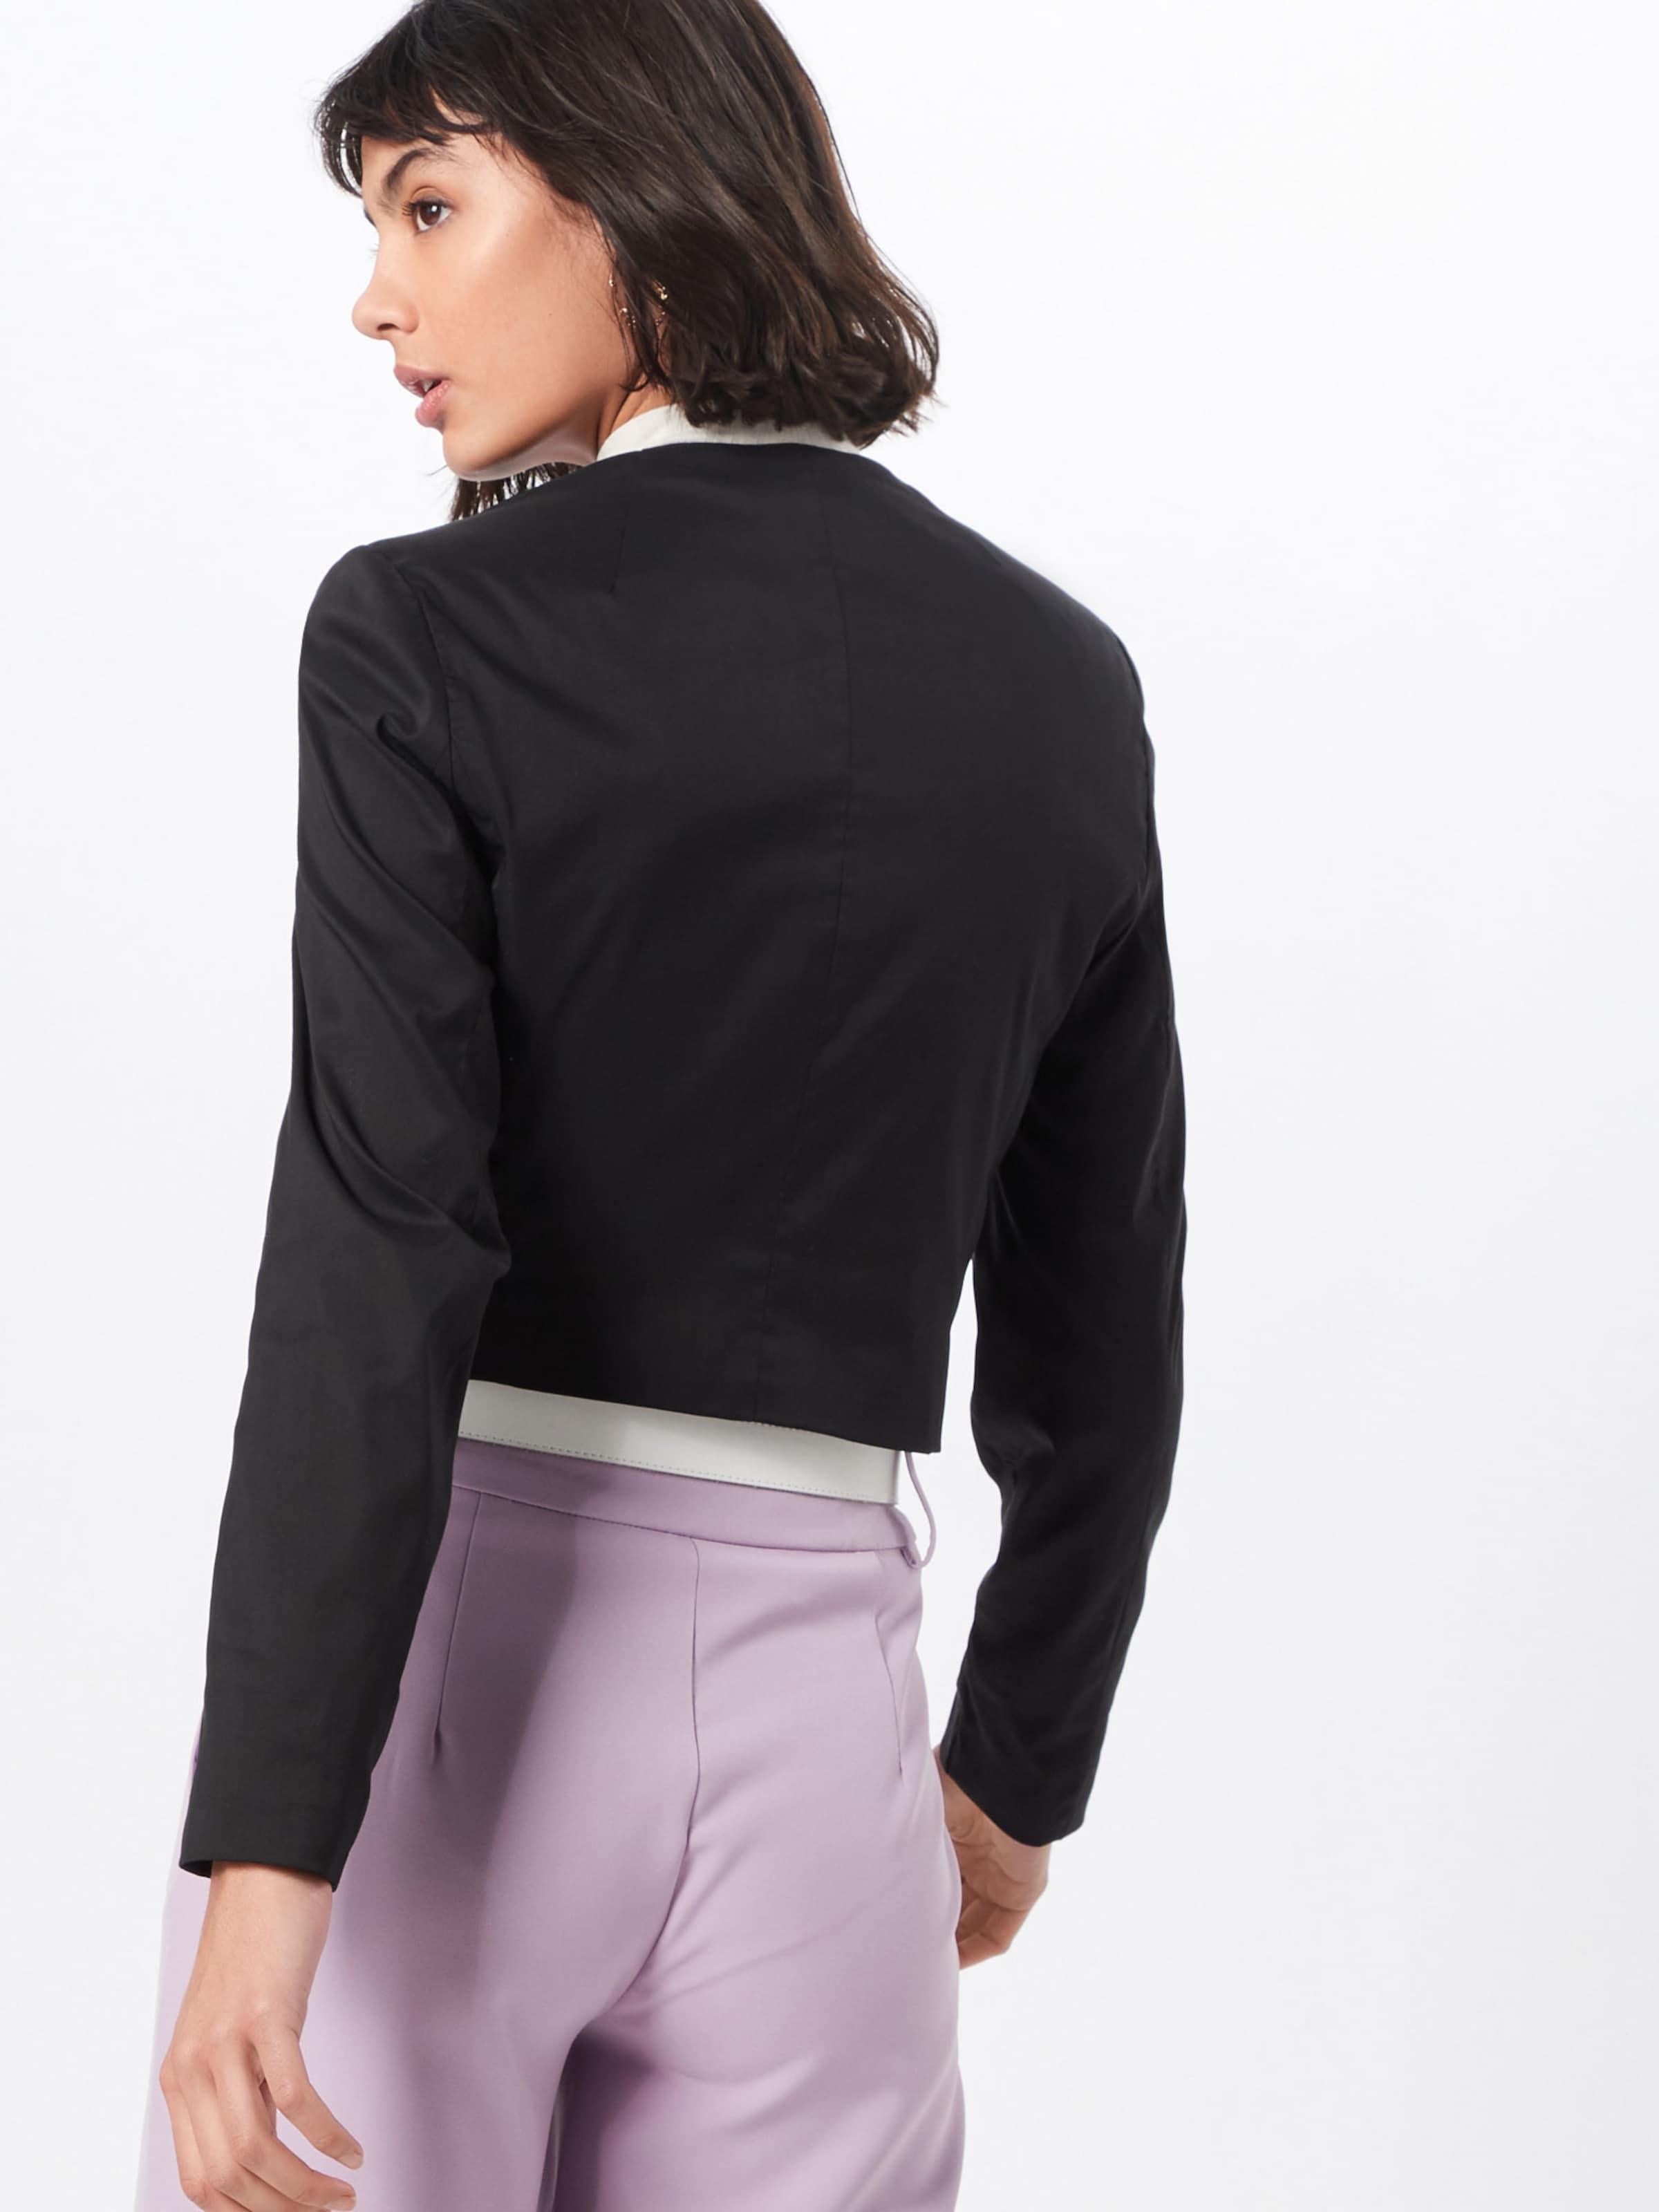 Dress' 'jkt Over In Schwarz Blazer Esprit Collection shrCxtdQ